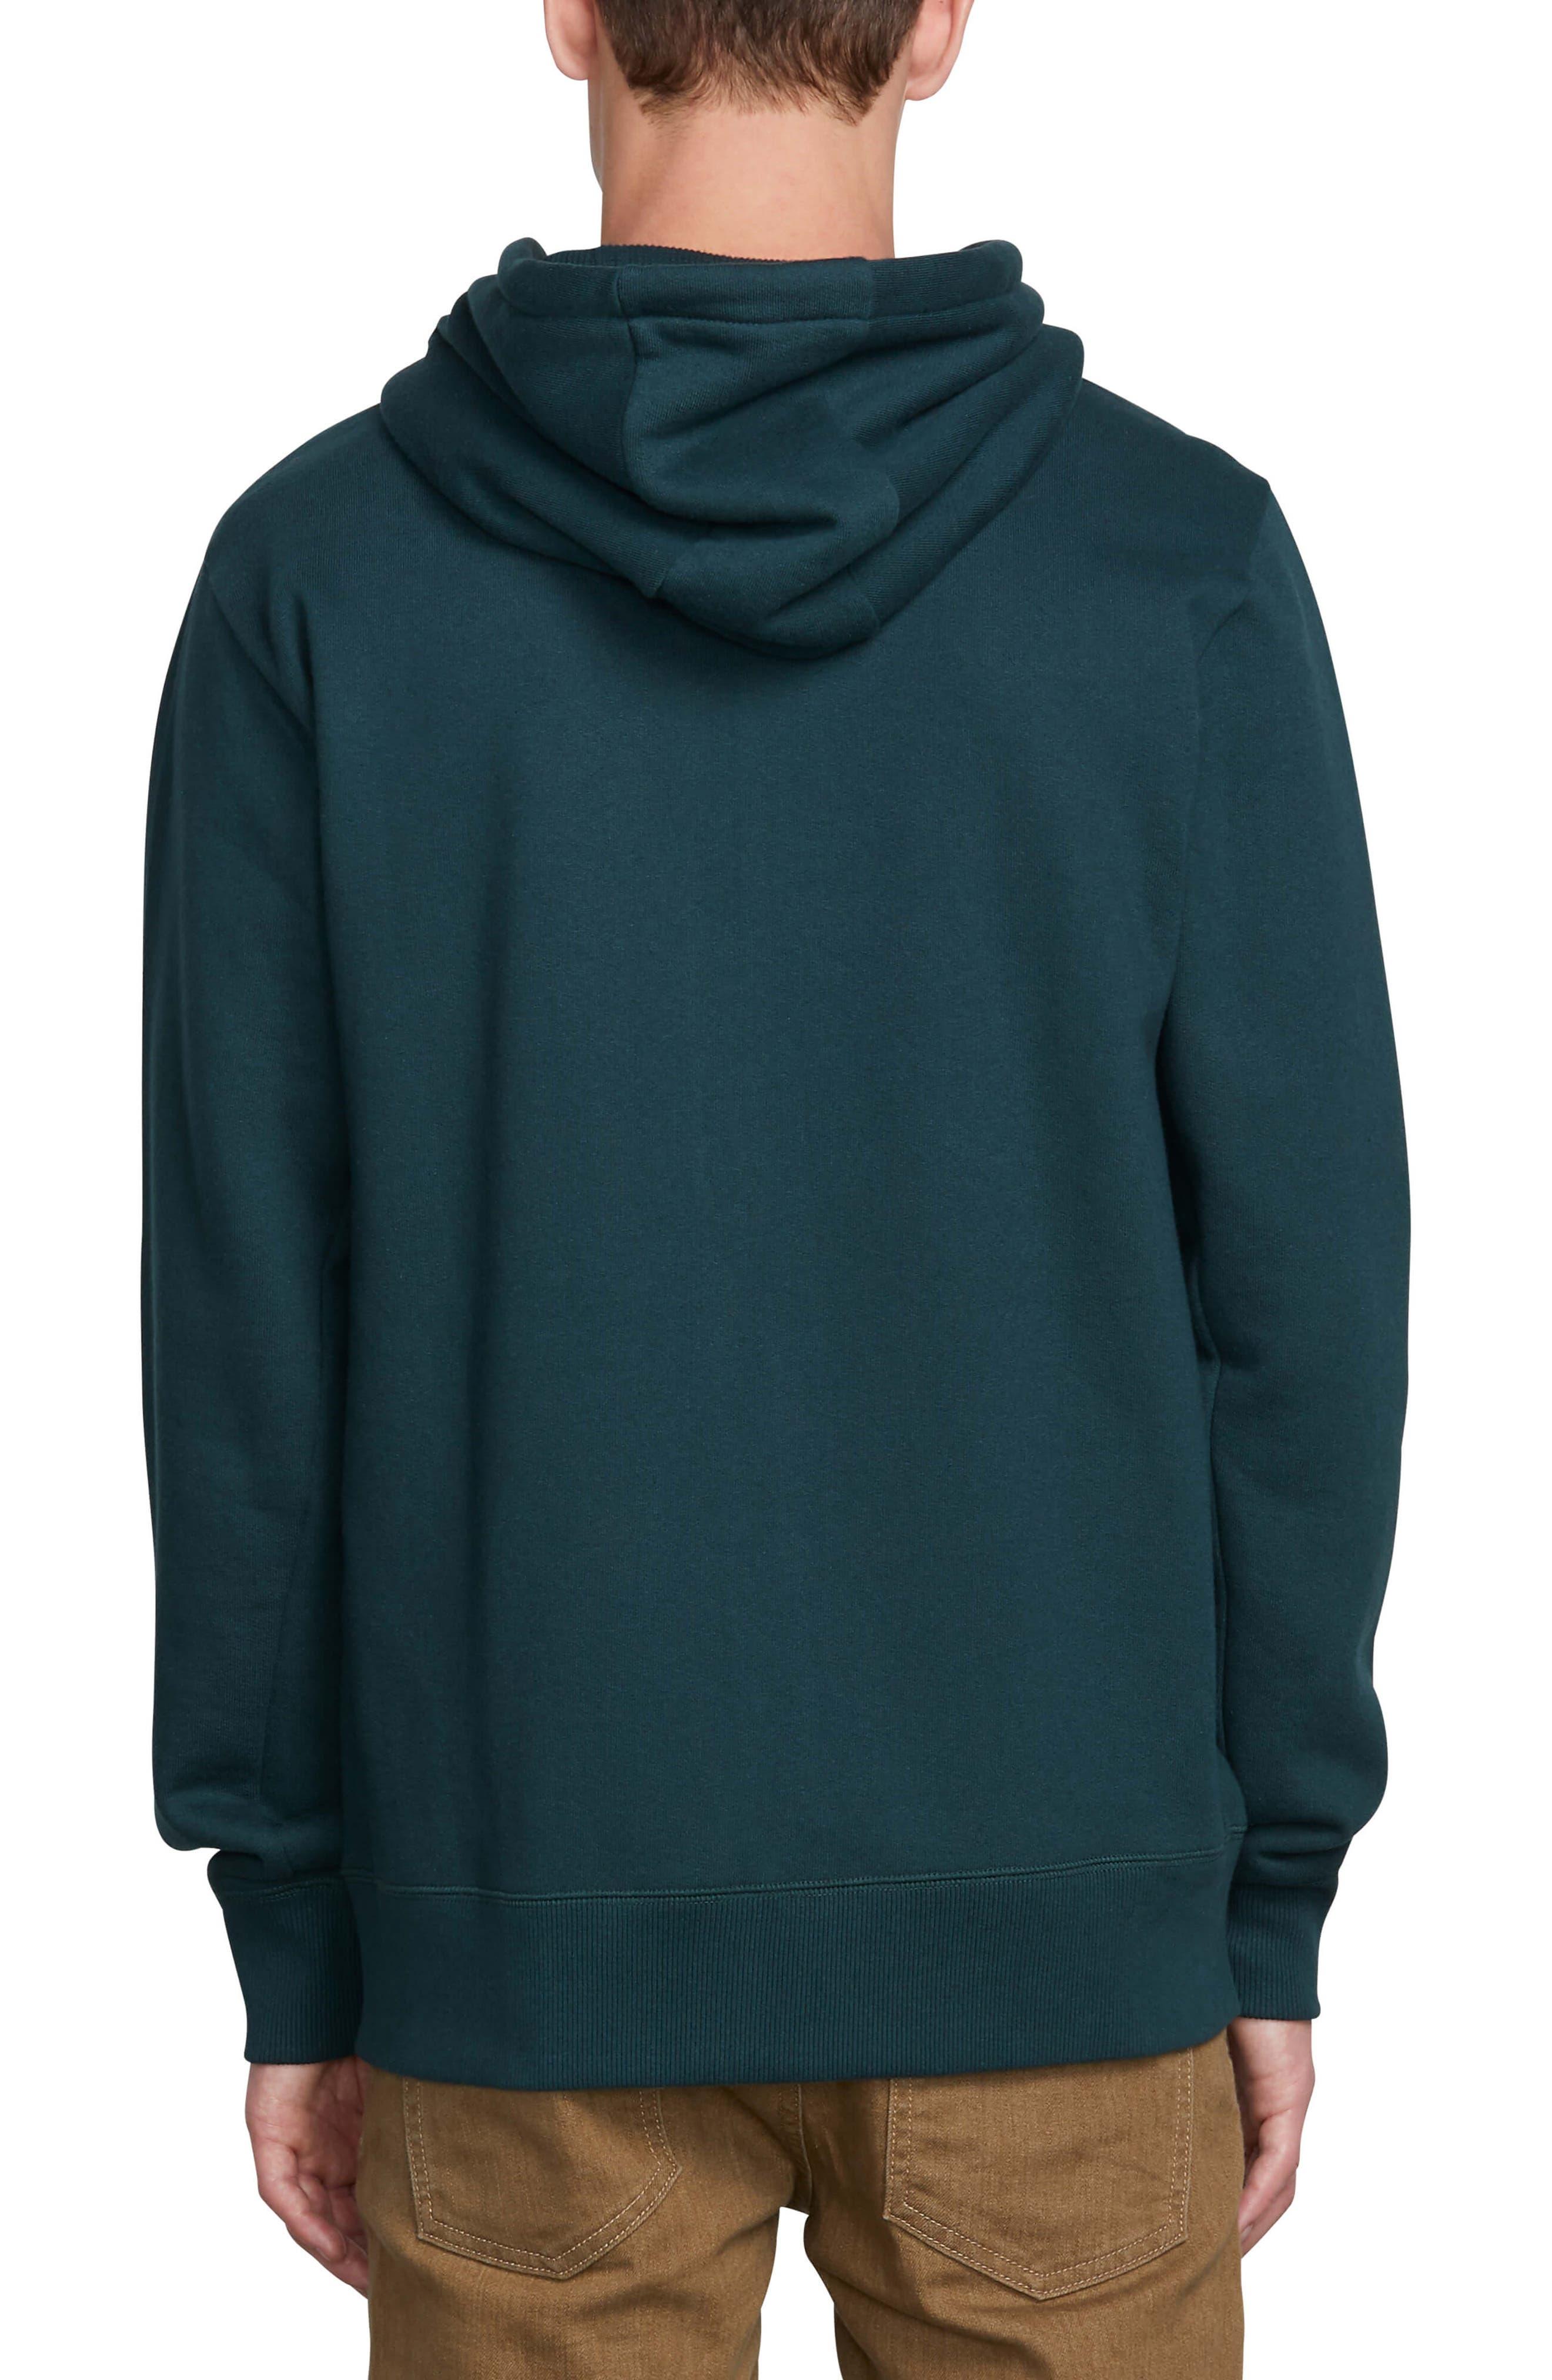 VOLCOM,                             Shop Zip Hoodie Jacket,                             Alternate thumbnail 2, color,                             DARK PINE